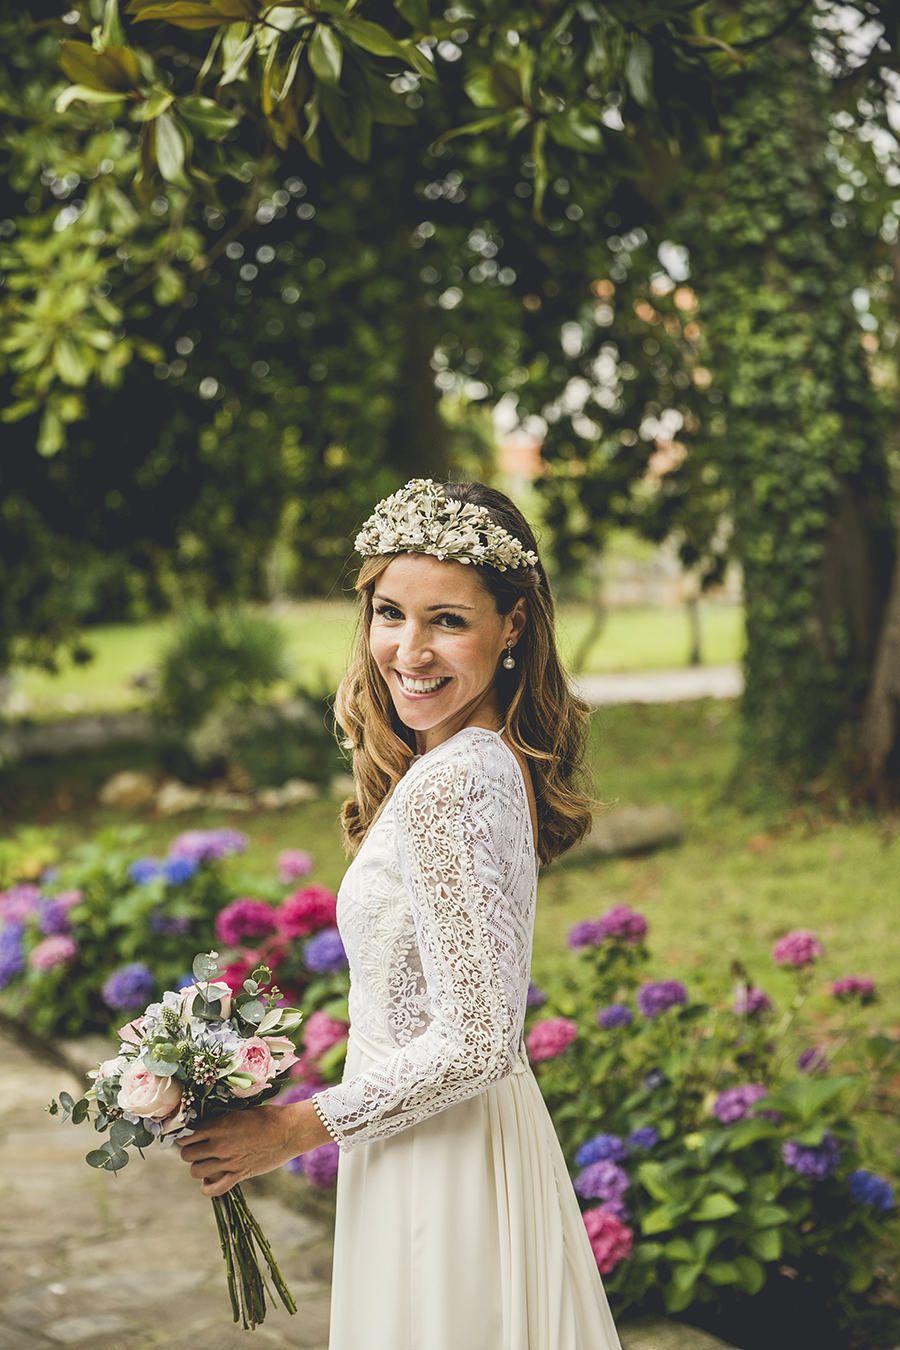 calista-one-lista-de-bodas-online-blog-de-bodas-inspiracion-bodas-rose-28